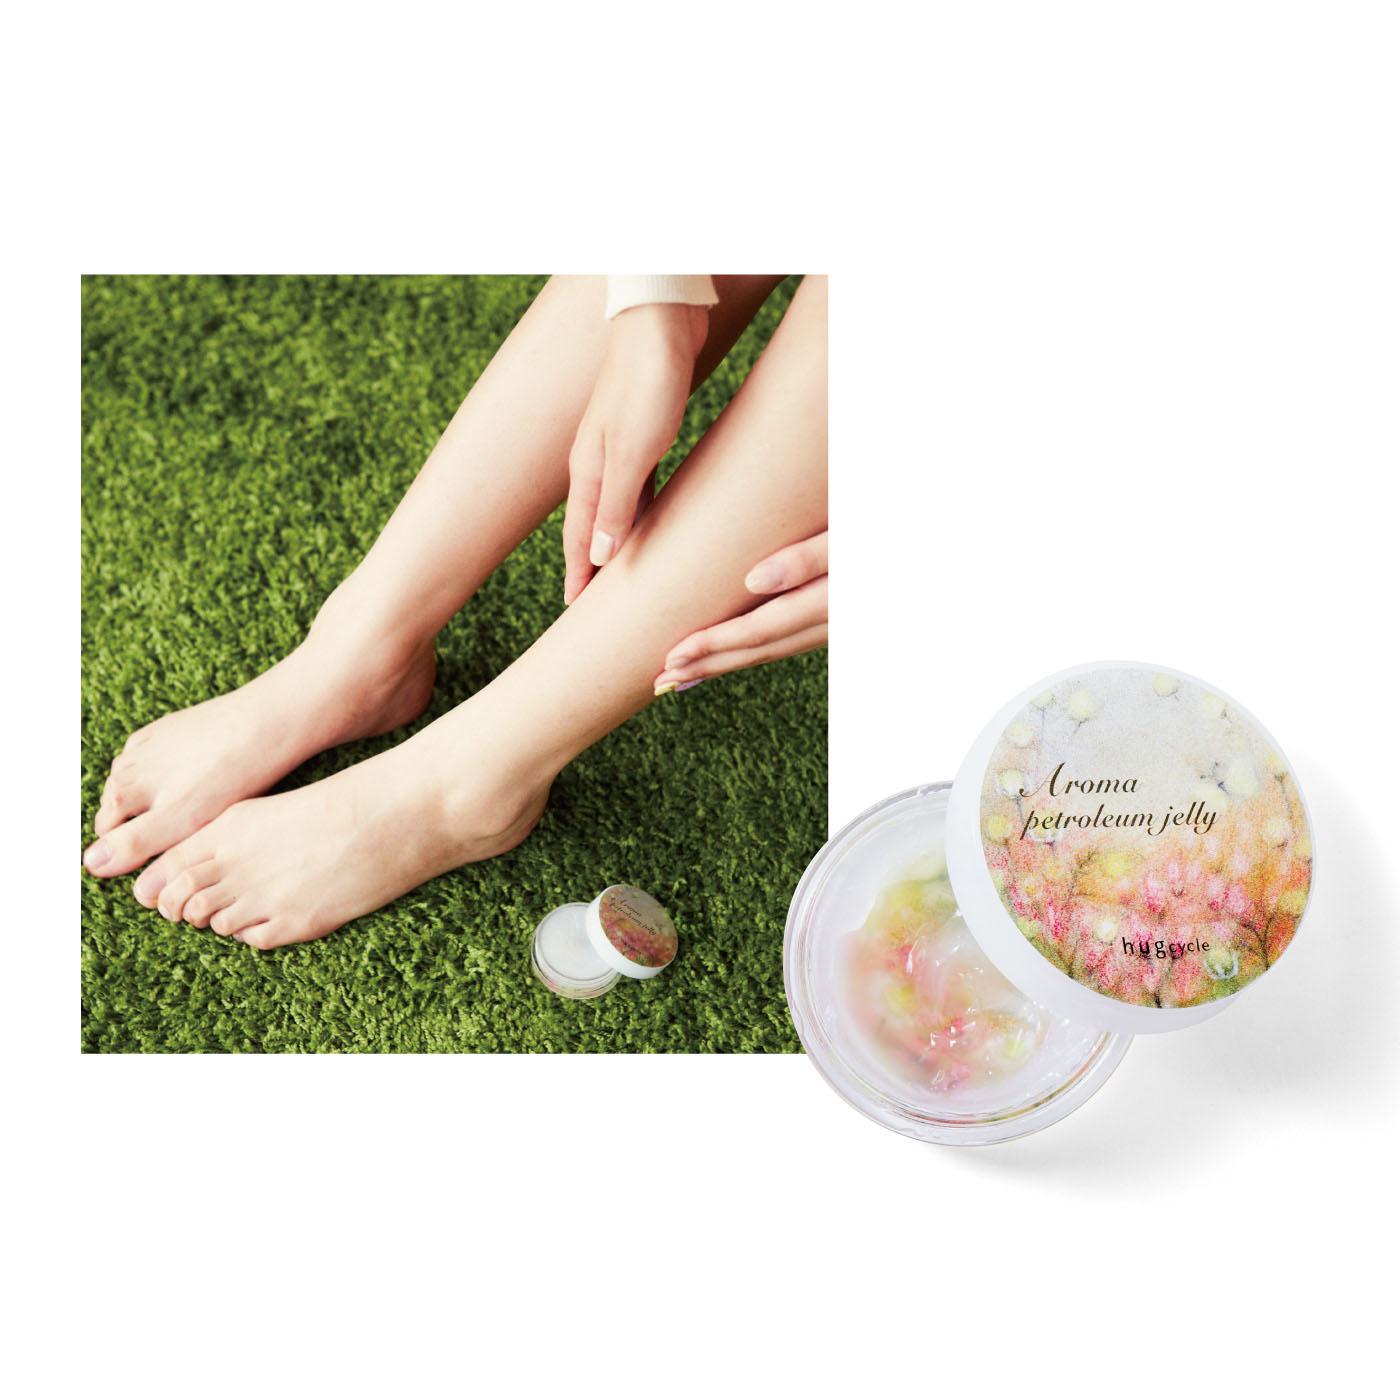 お風呂上がり、「精油が香る全身保湿アロマワセリンの会(CN-649-149)」で保湿ケア後に着用するとW効果でうるおいパワーアップ!